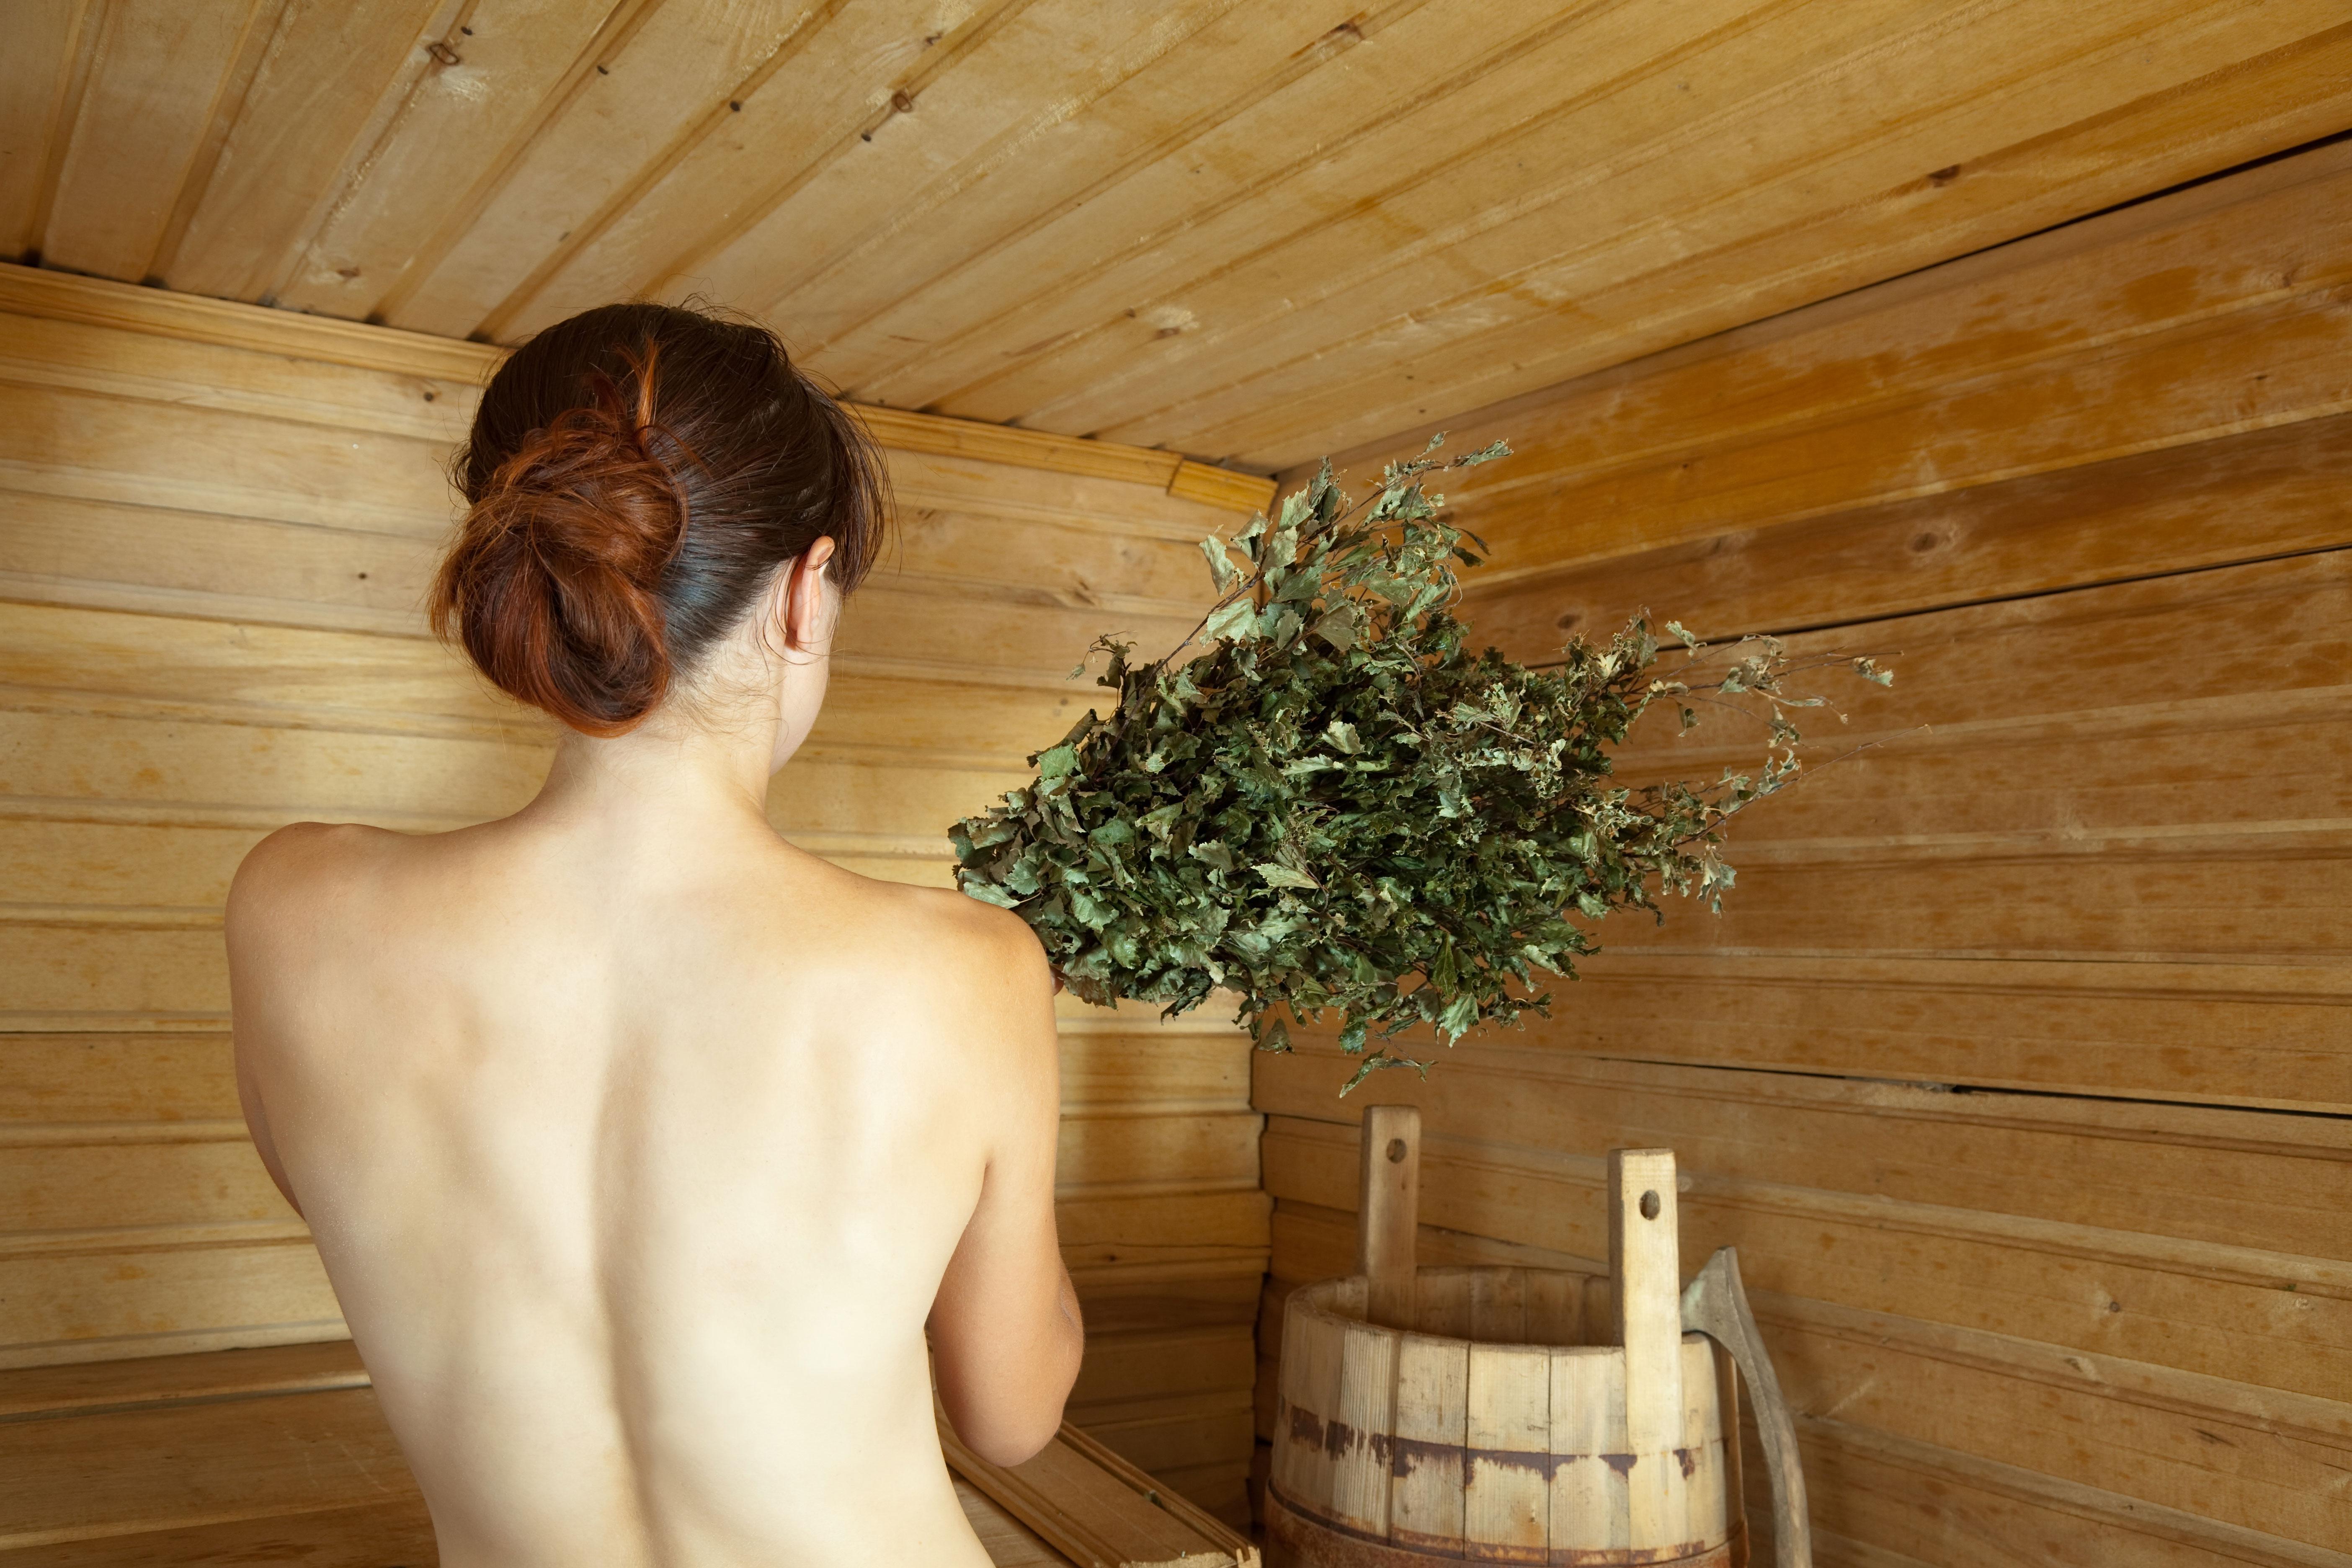 За руснаците банята е била и си остава място за оздравяване и пречистване на тялото и душата. Много стари традиции в банята вече са забравени и изгубени, но някои са достигнали до наши дни.